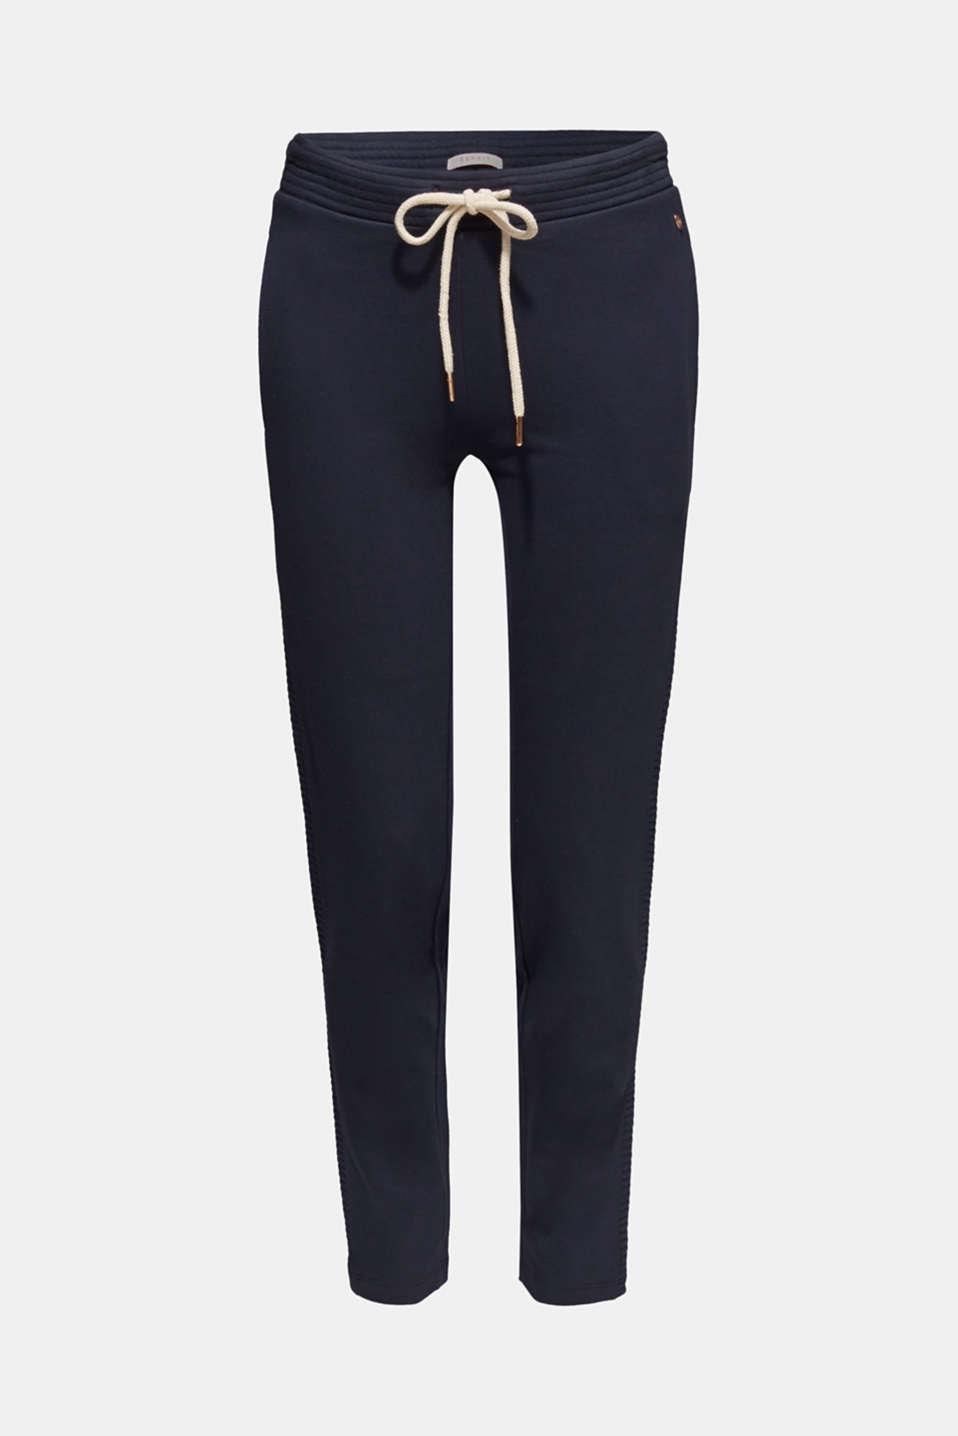 Nightpants, NAVY, detail image number 6